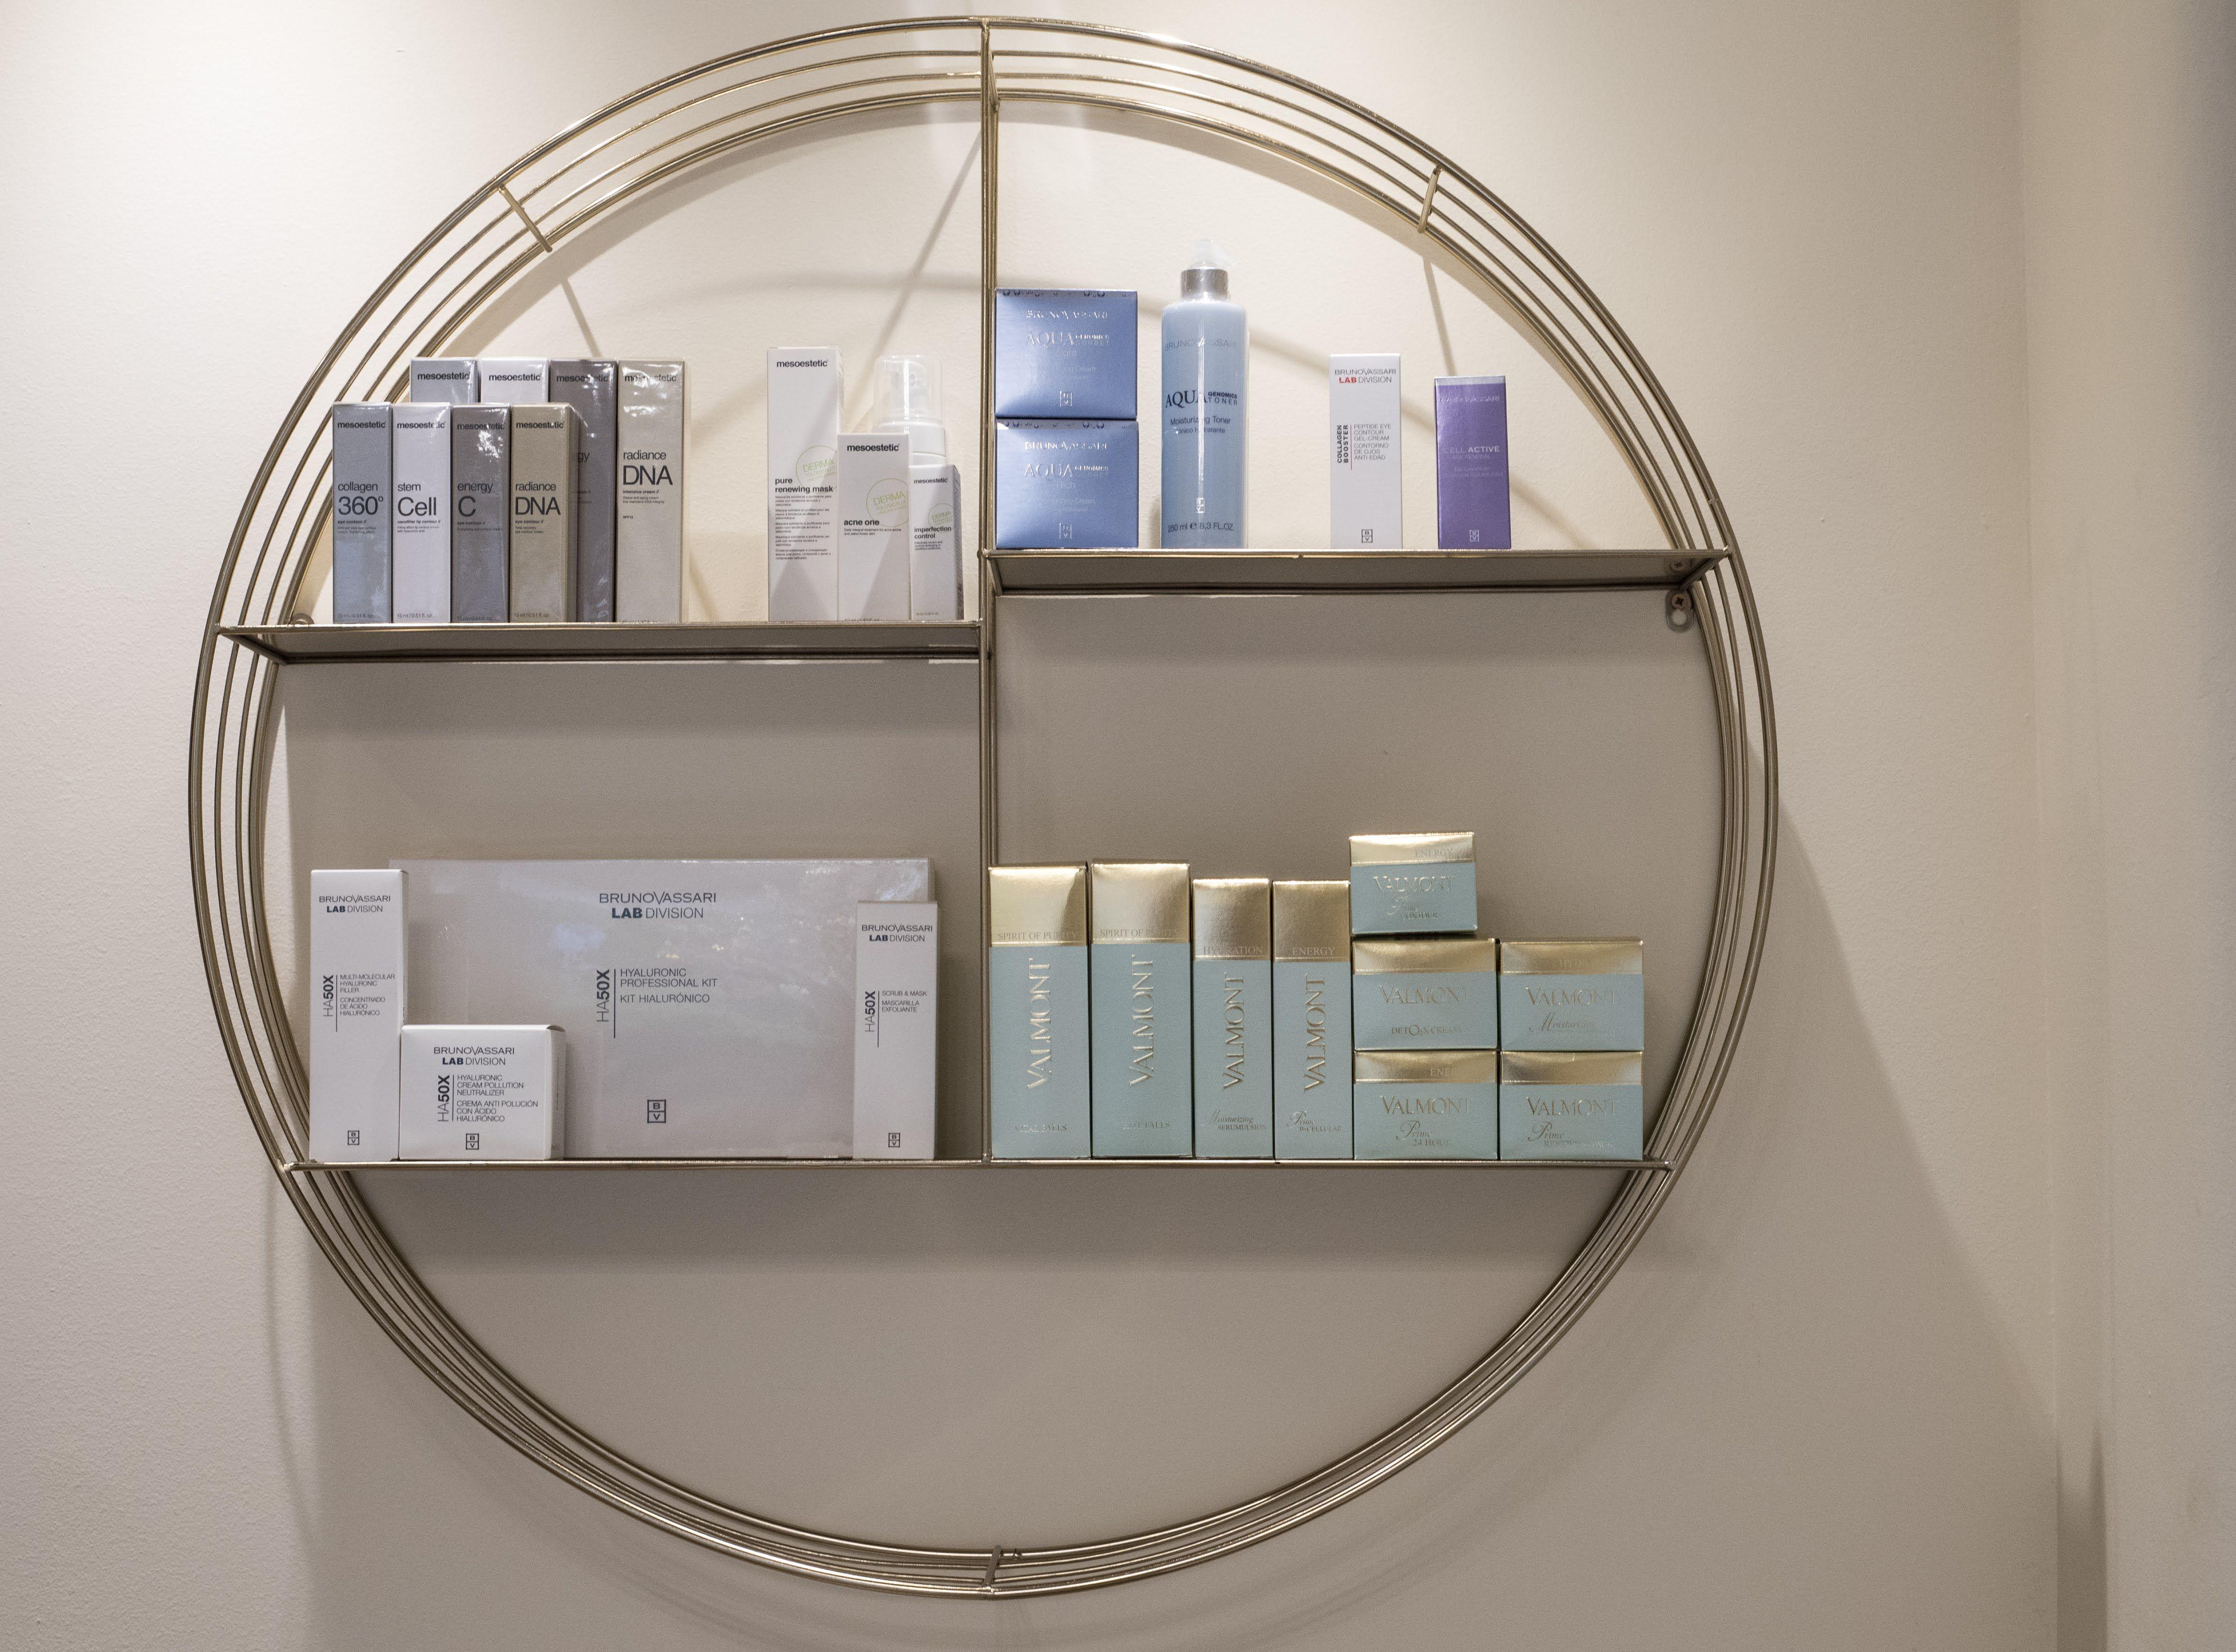 Productos estética Walden Essence